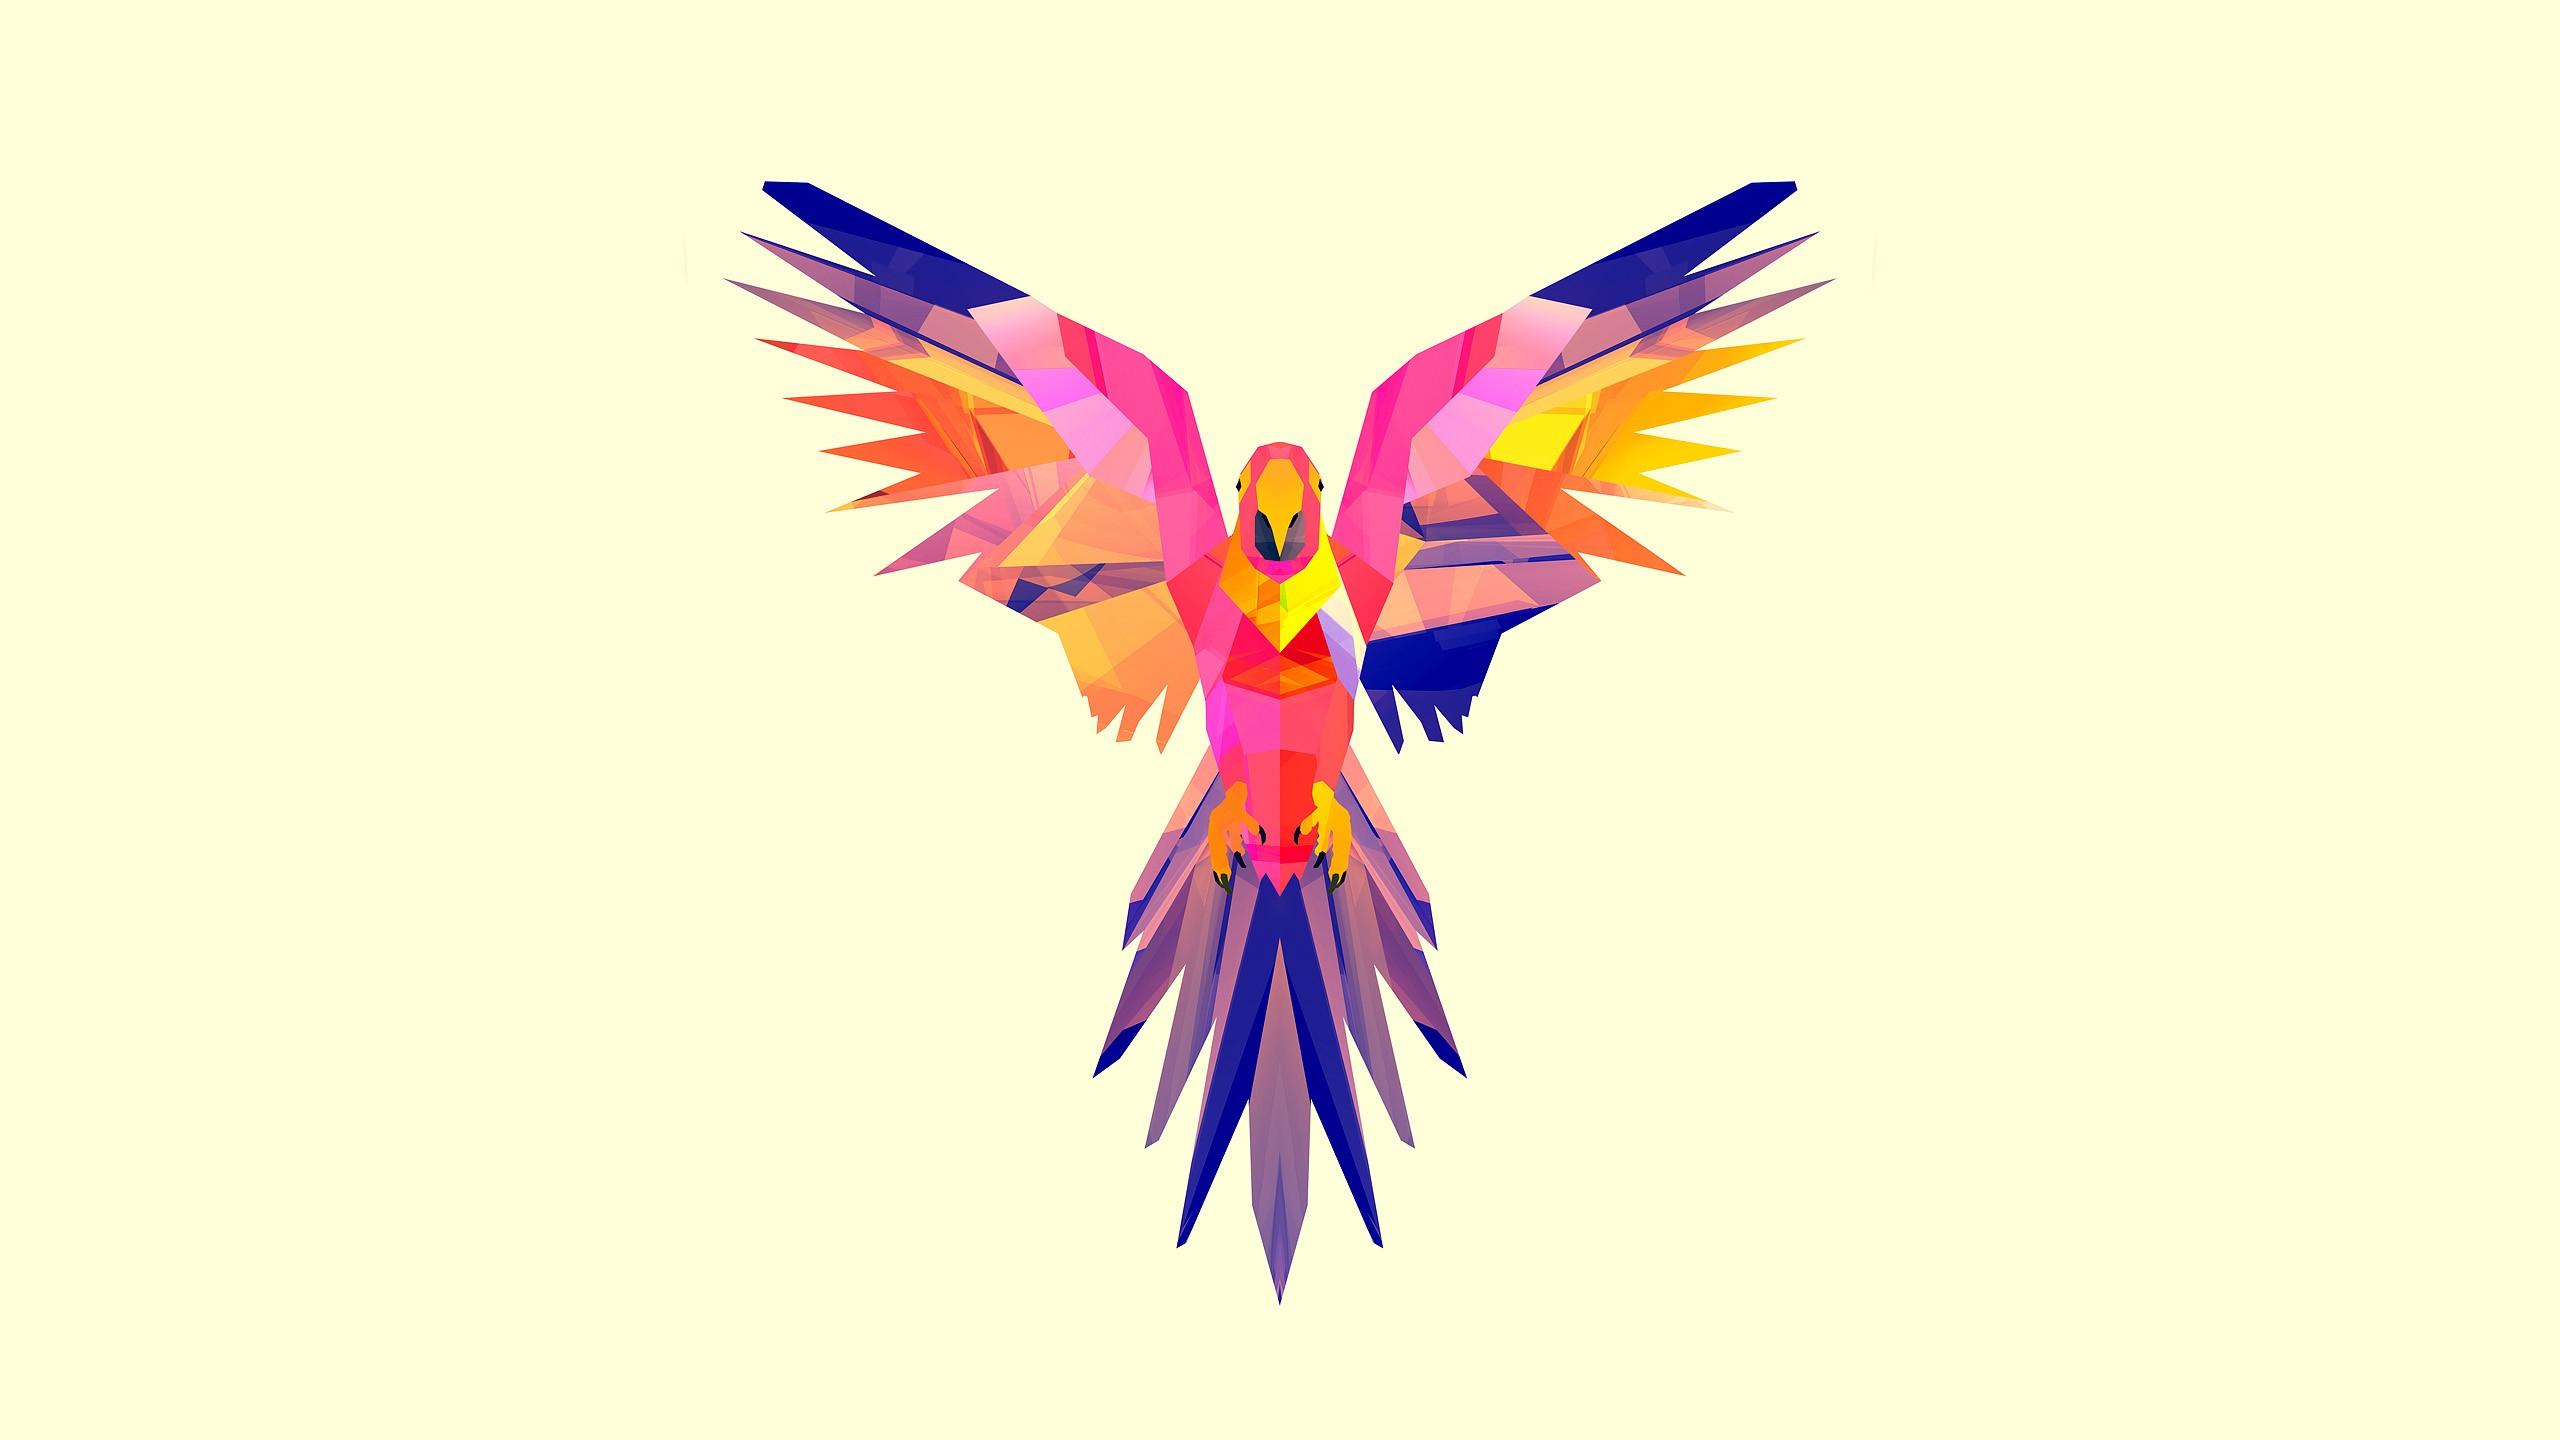 2560x1440 px animals digital art Facets Justin Maller parrot